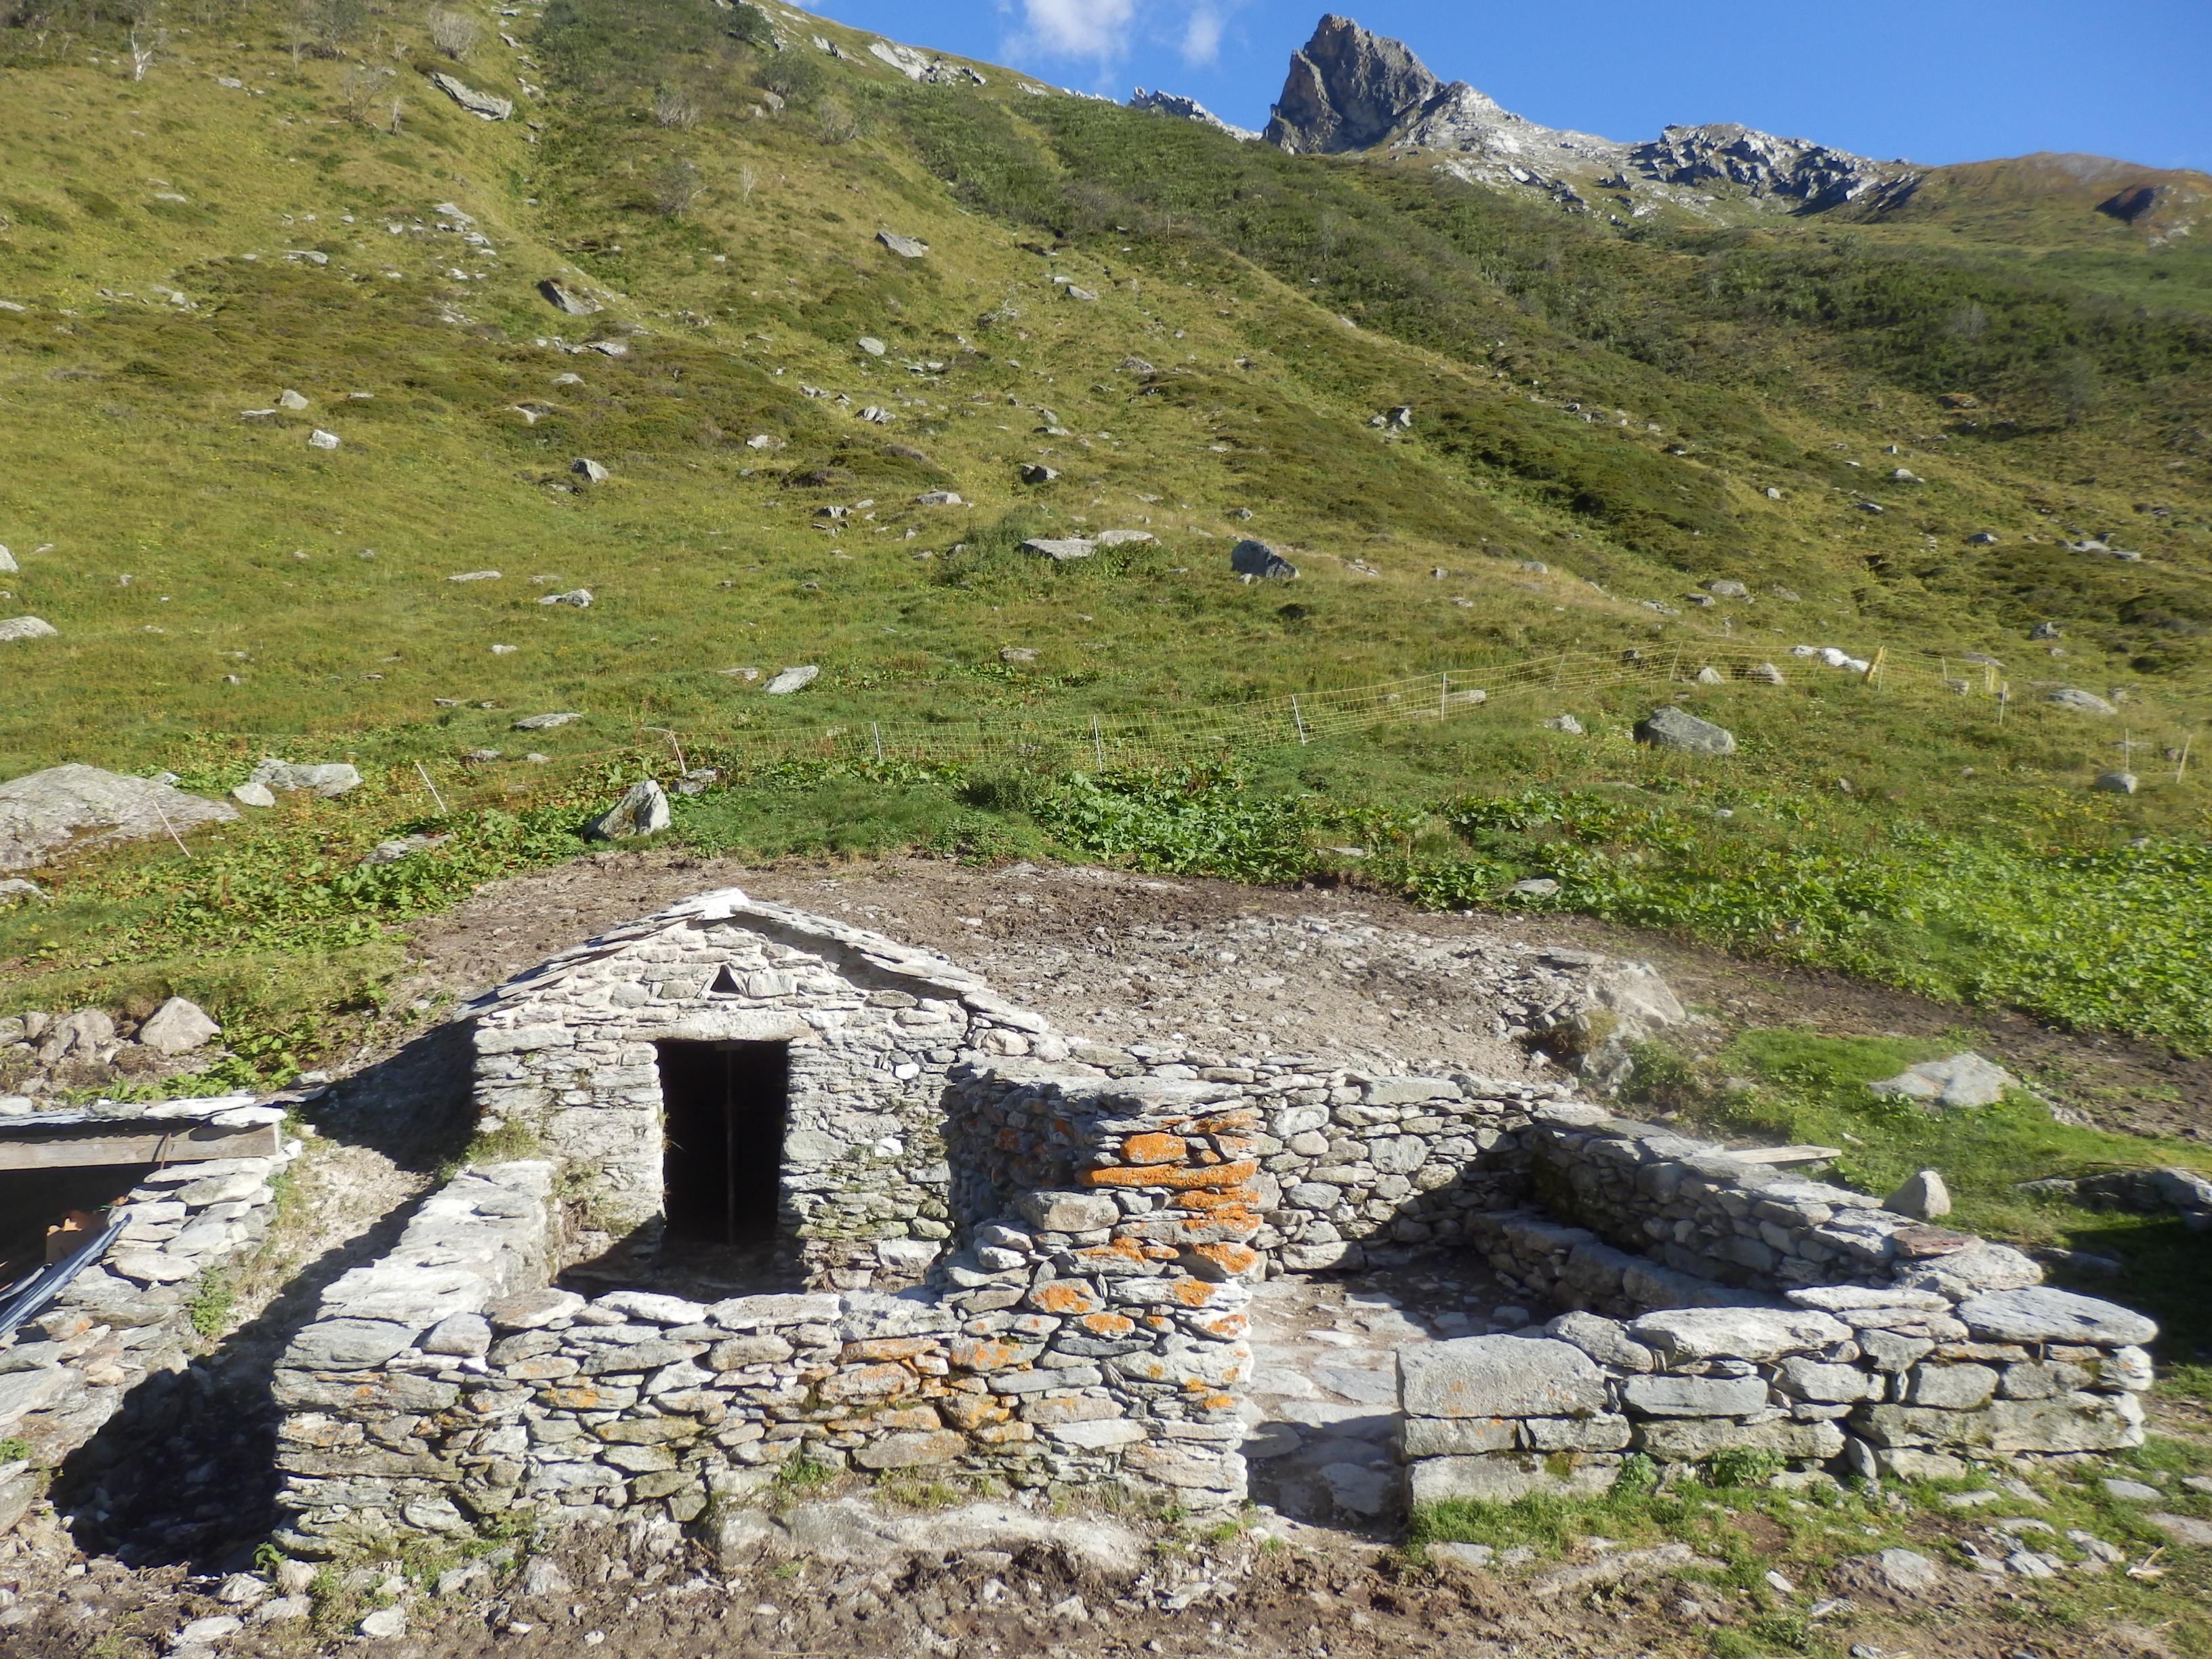 Restauration d'une cave à fromage (Pralognan-la-Vanoise, Savoie)